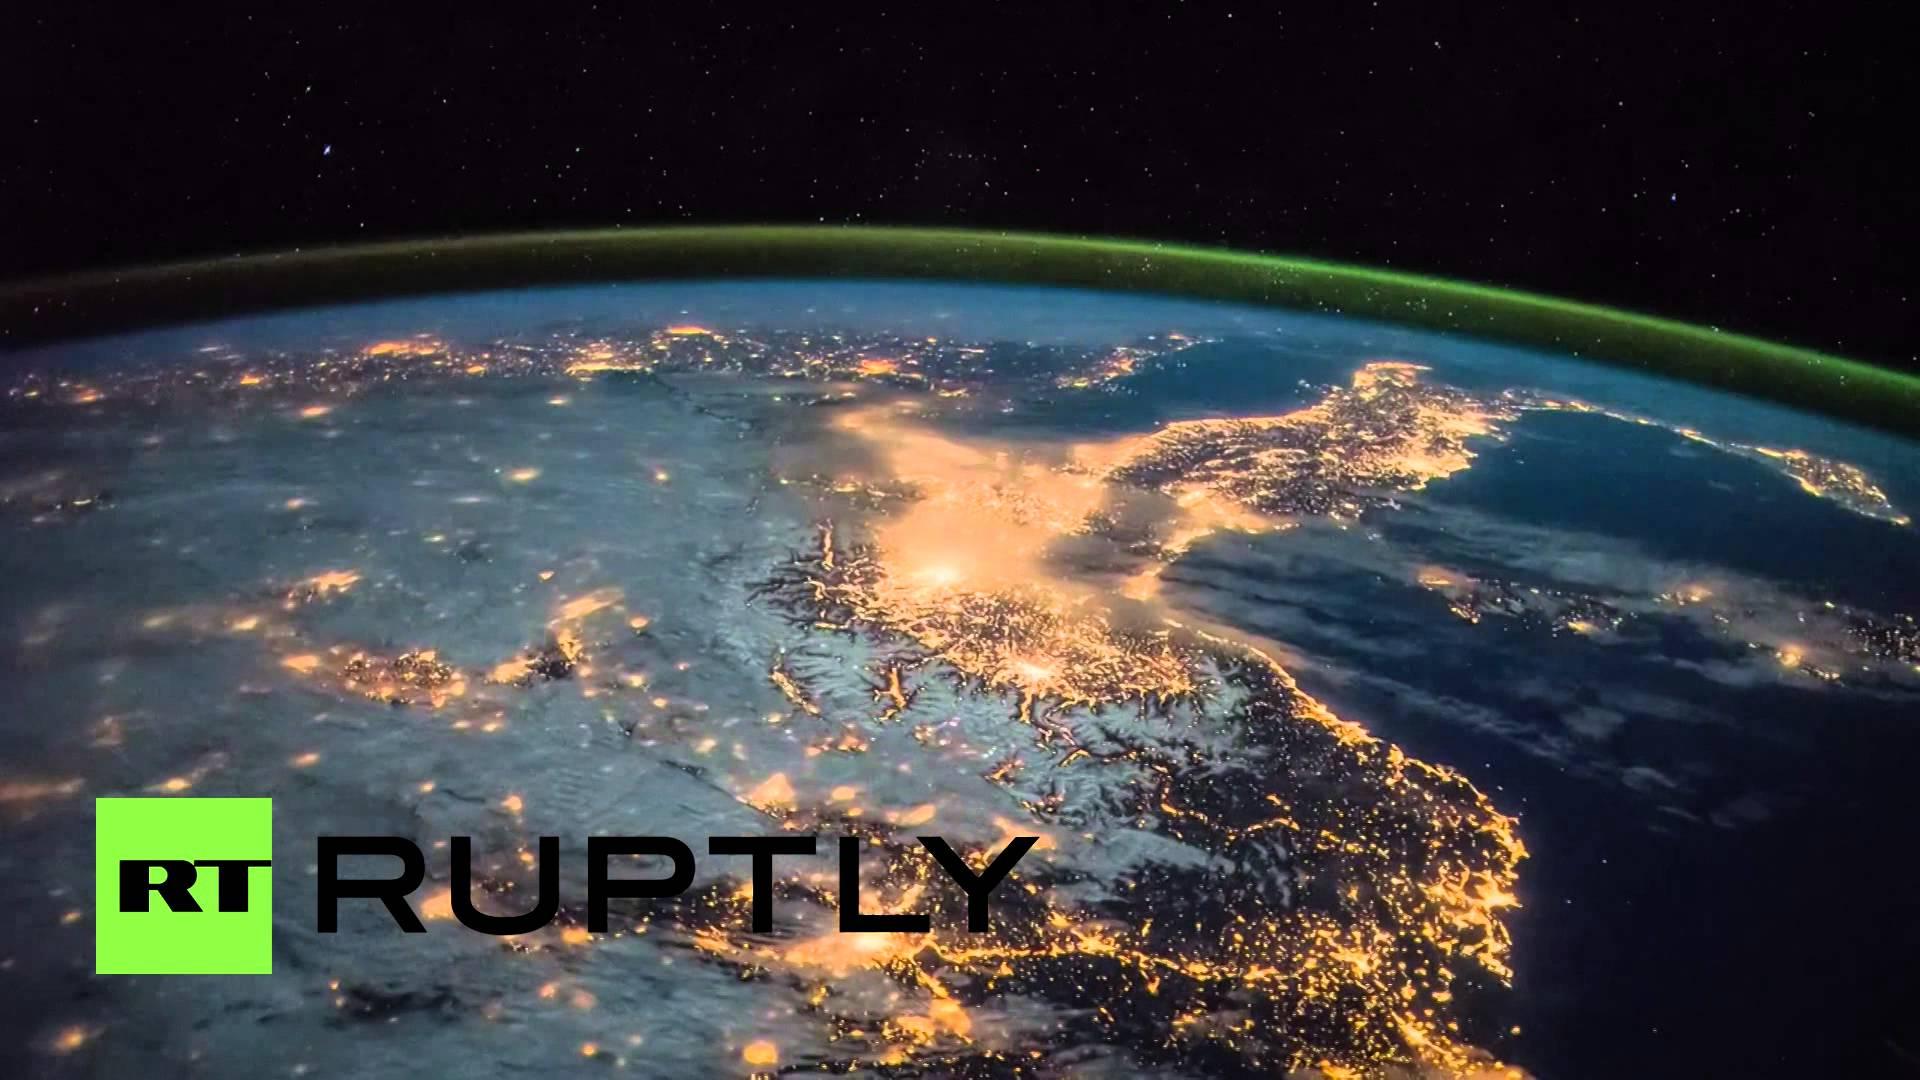 صور فضائية مذهلة للقارة الأوروبية